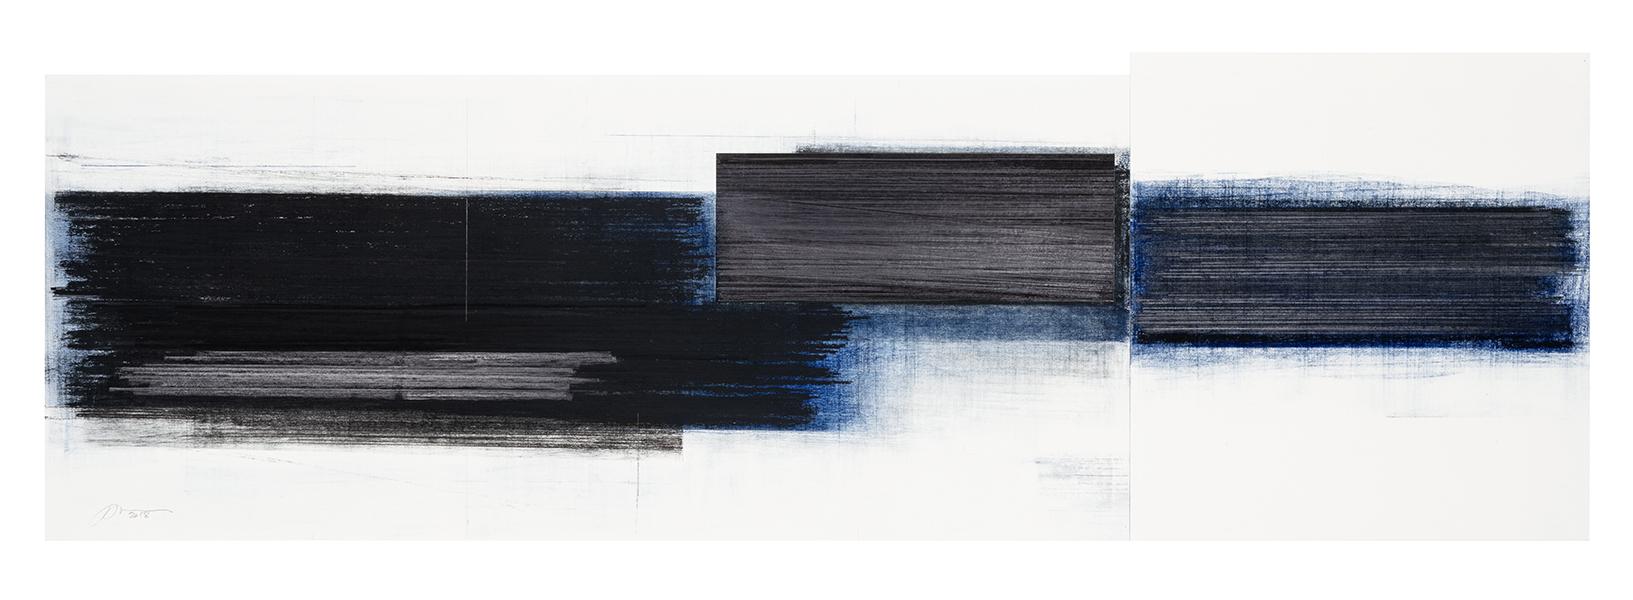 Séquence II  (2018)   Fusain, graphite et pastel sur papier, 29,5 x 88,5 cm, collection de l'artiste. photo : Richard-Max Tremblay